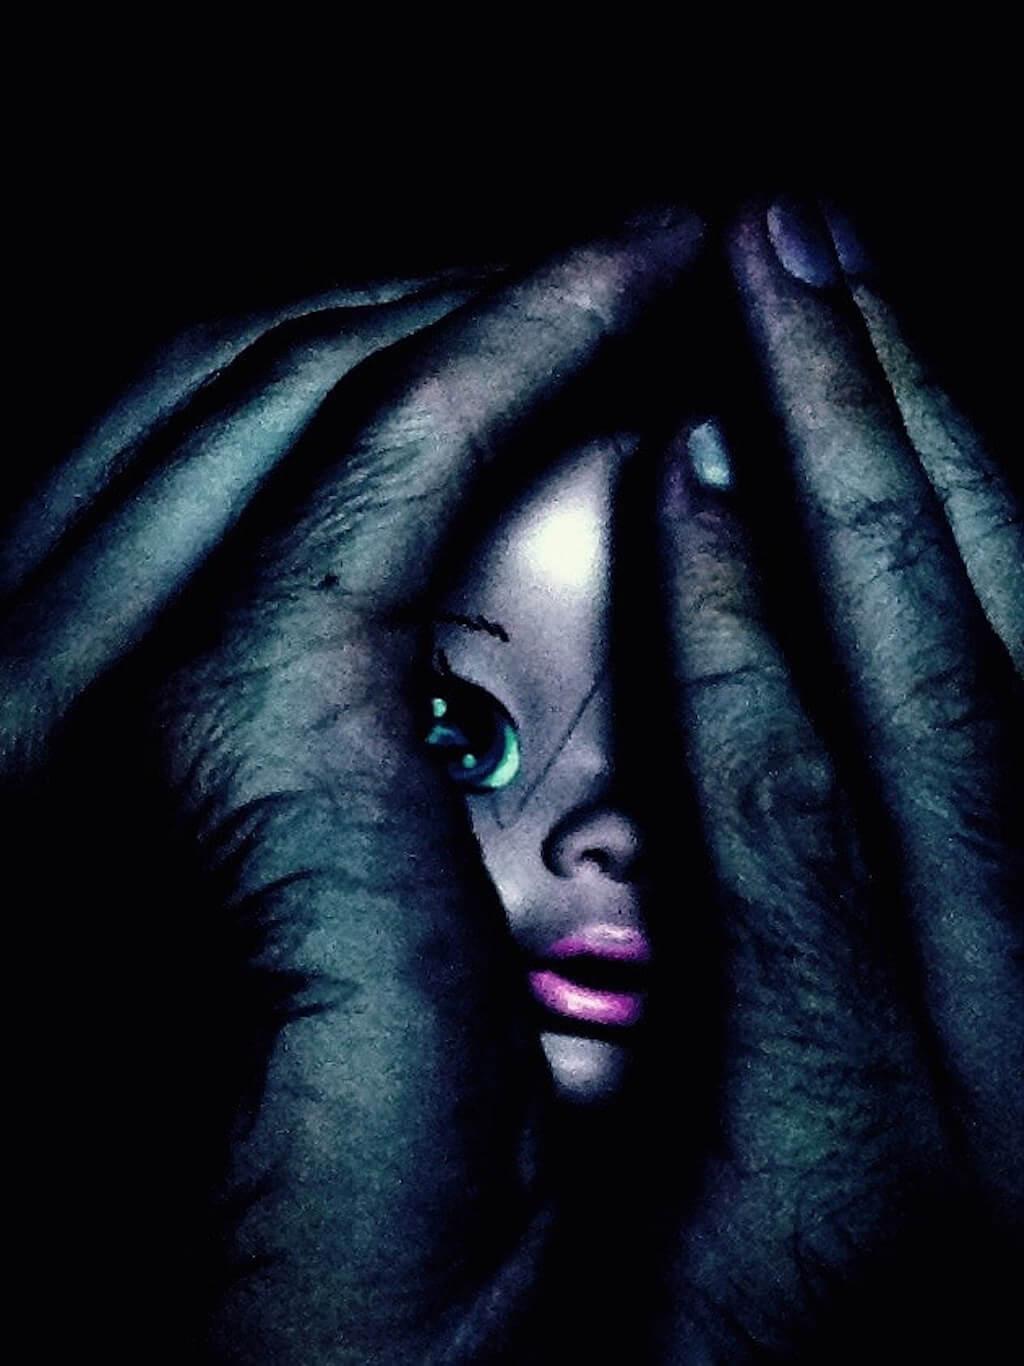 Photographie conceptuelle - Dolls.1 - La fascination (2015)